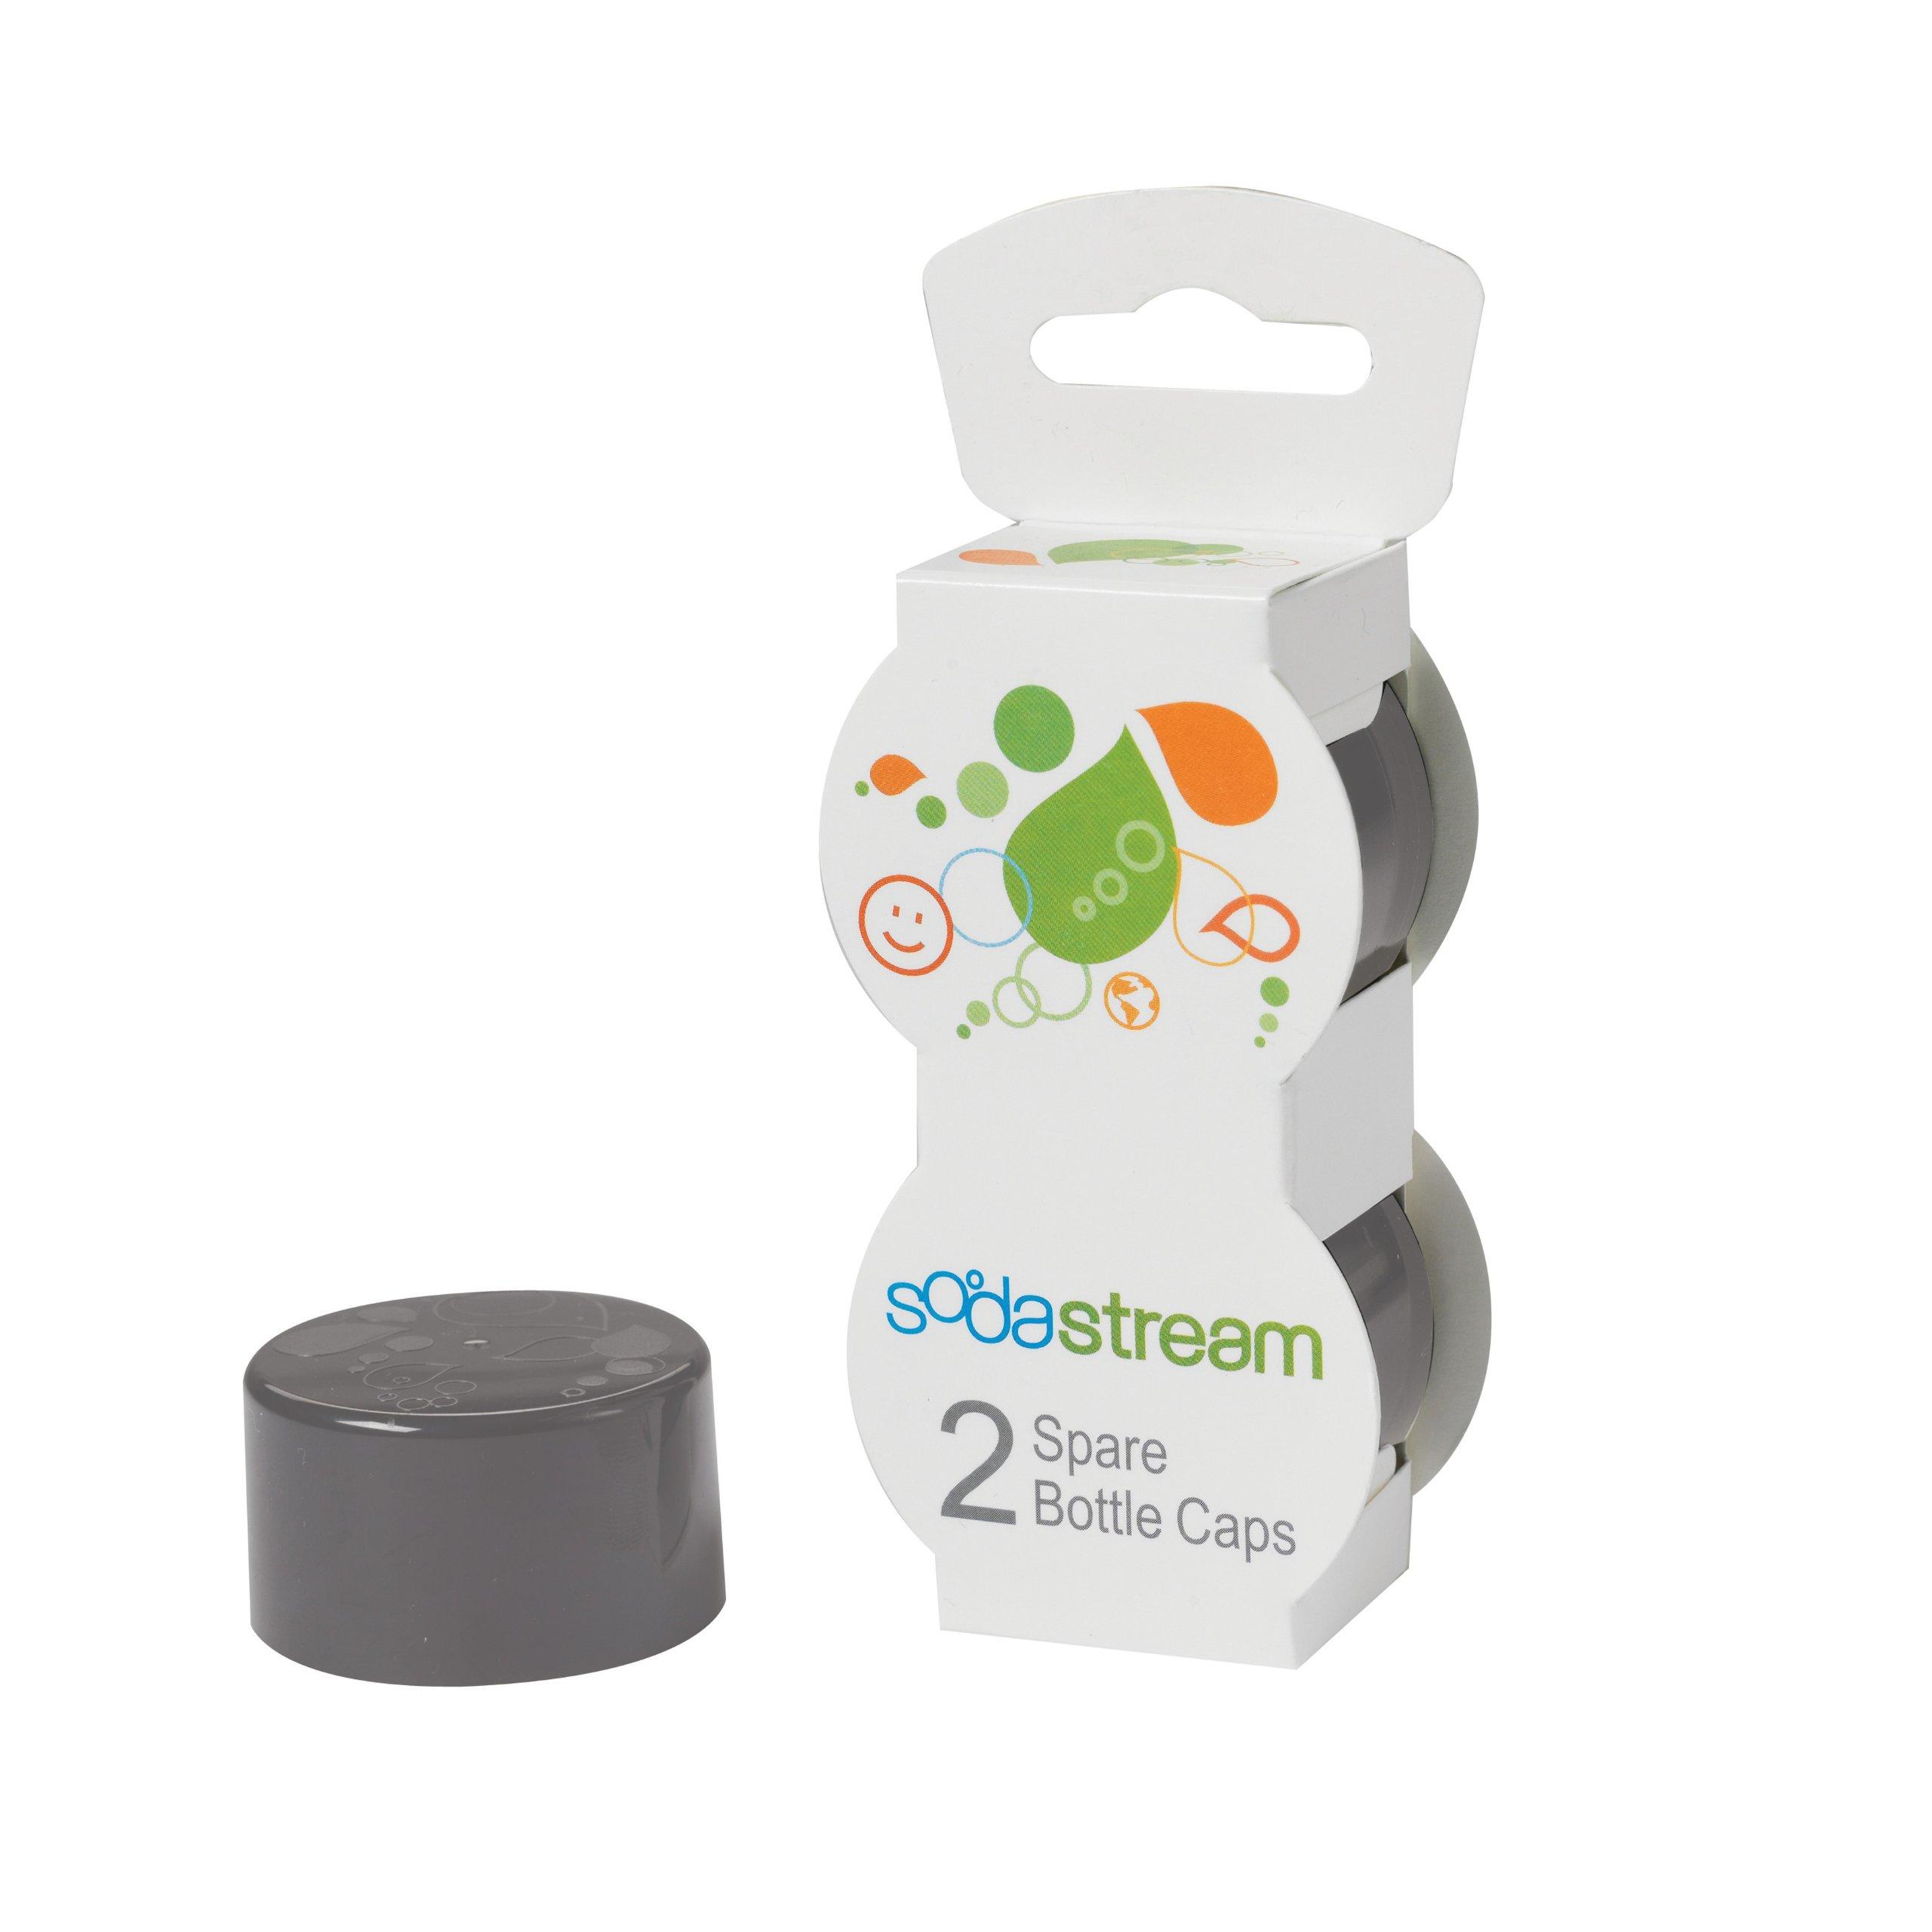 SodaStream Bottle Caps, Gray, 2-Pack